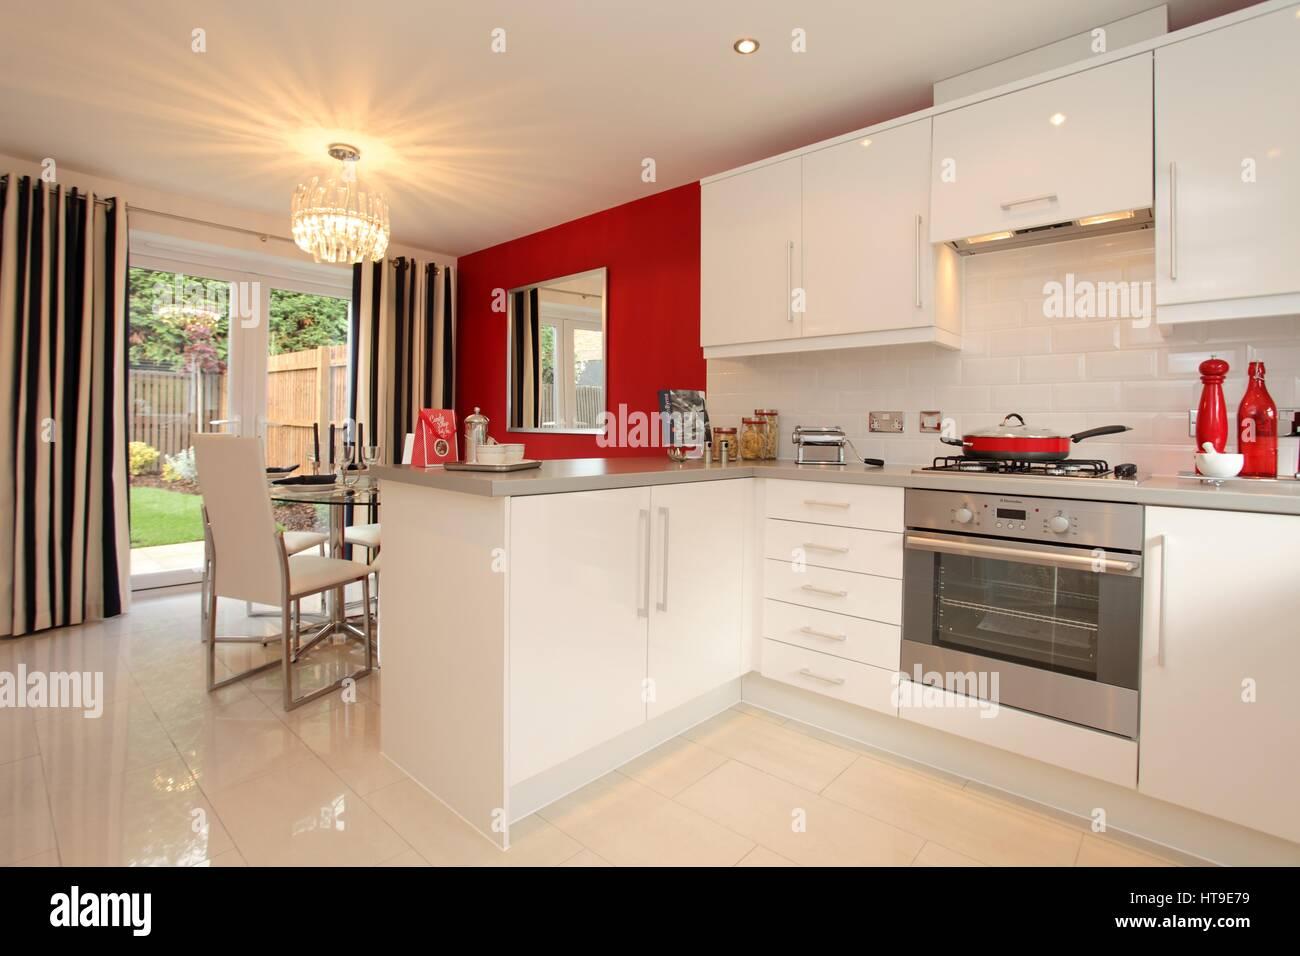 Interieur Maison Moderne Blanc - onestopcolorado.com -